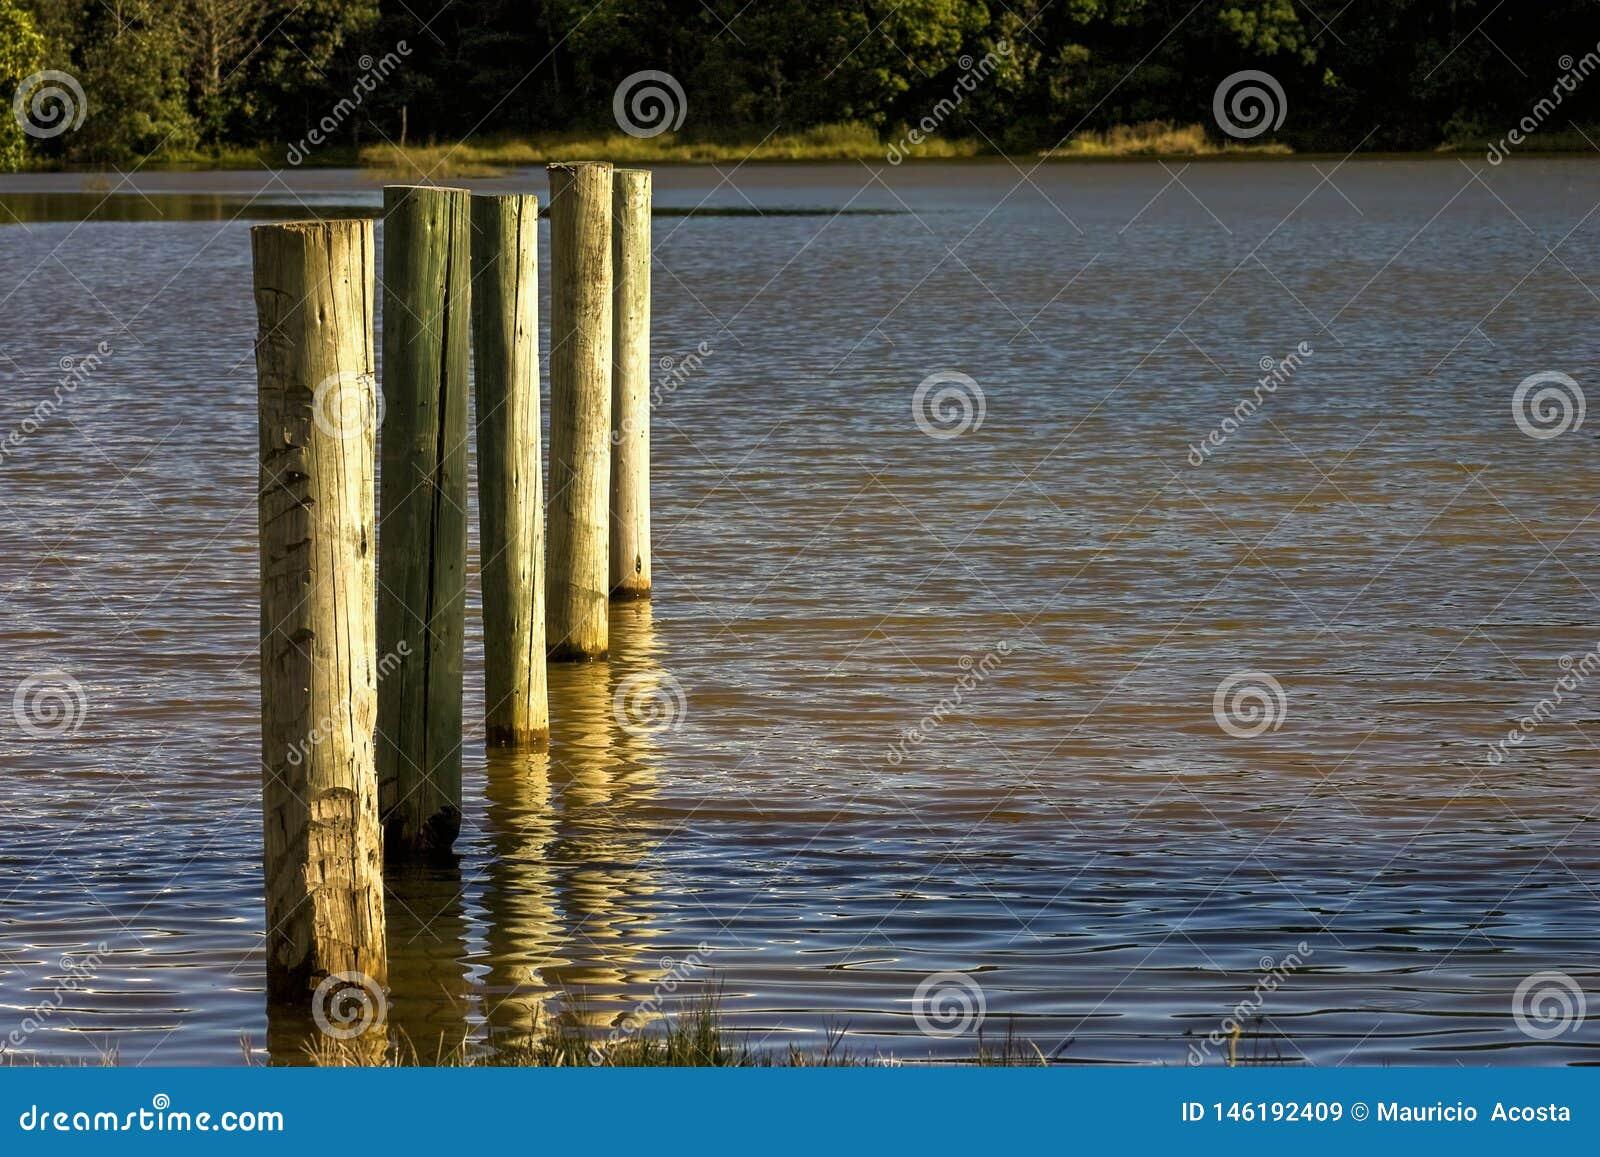 Pięć drewnianych poczt w jeziorze